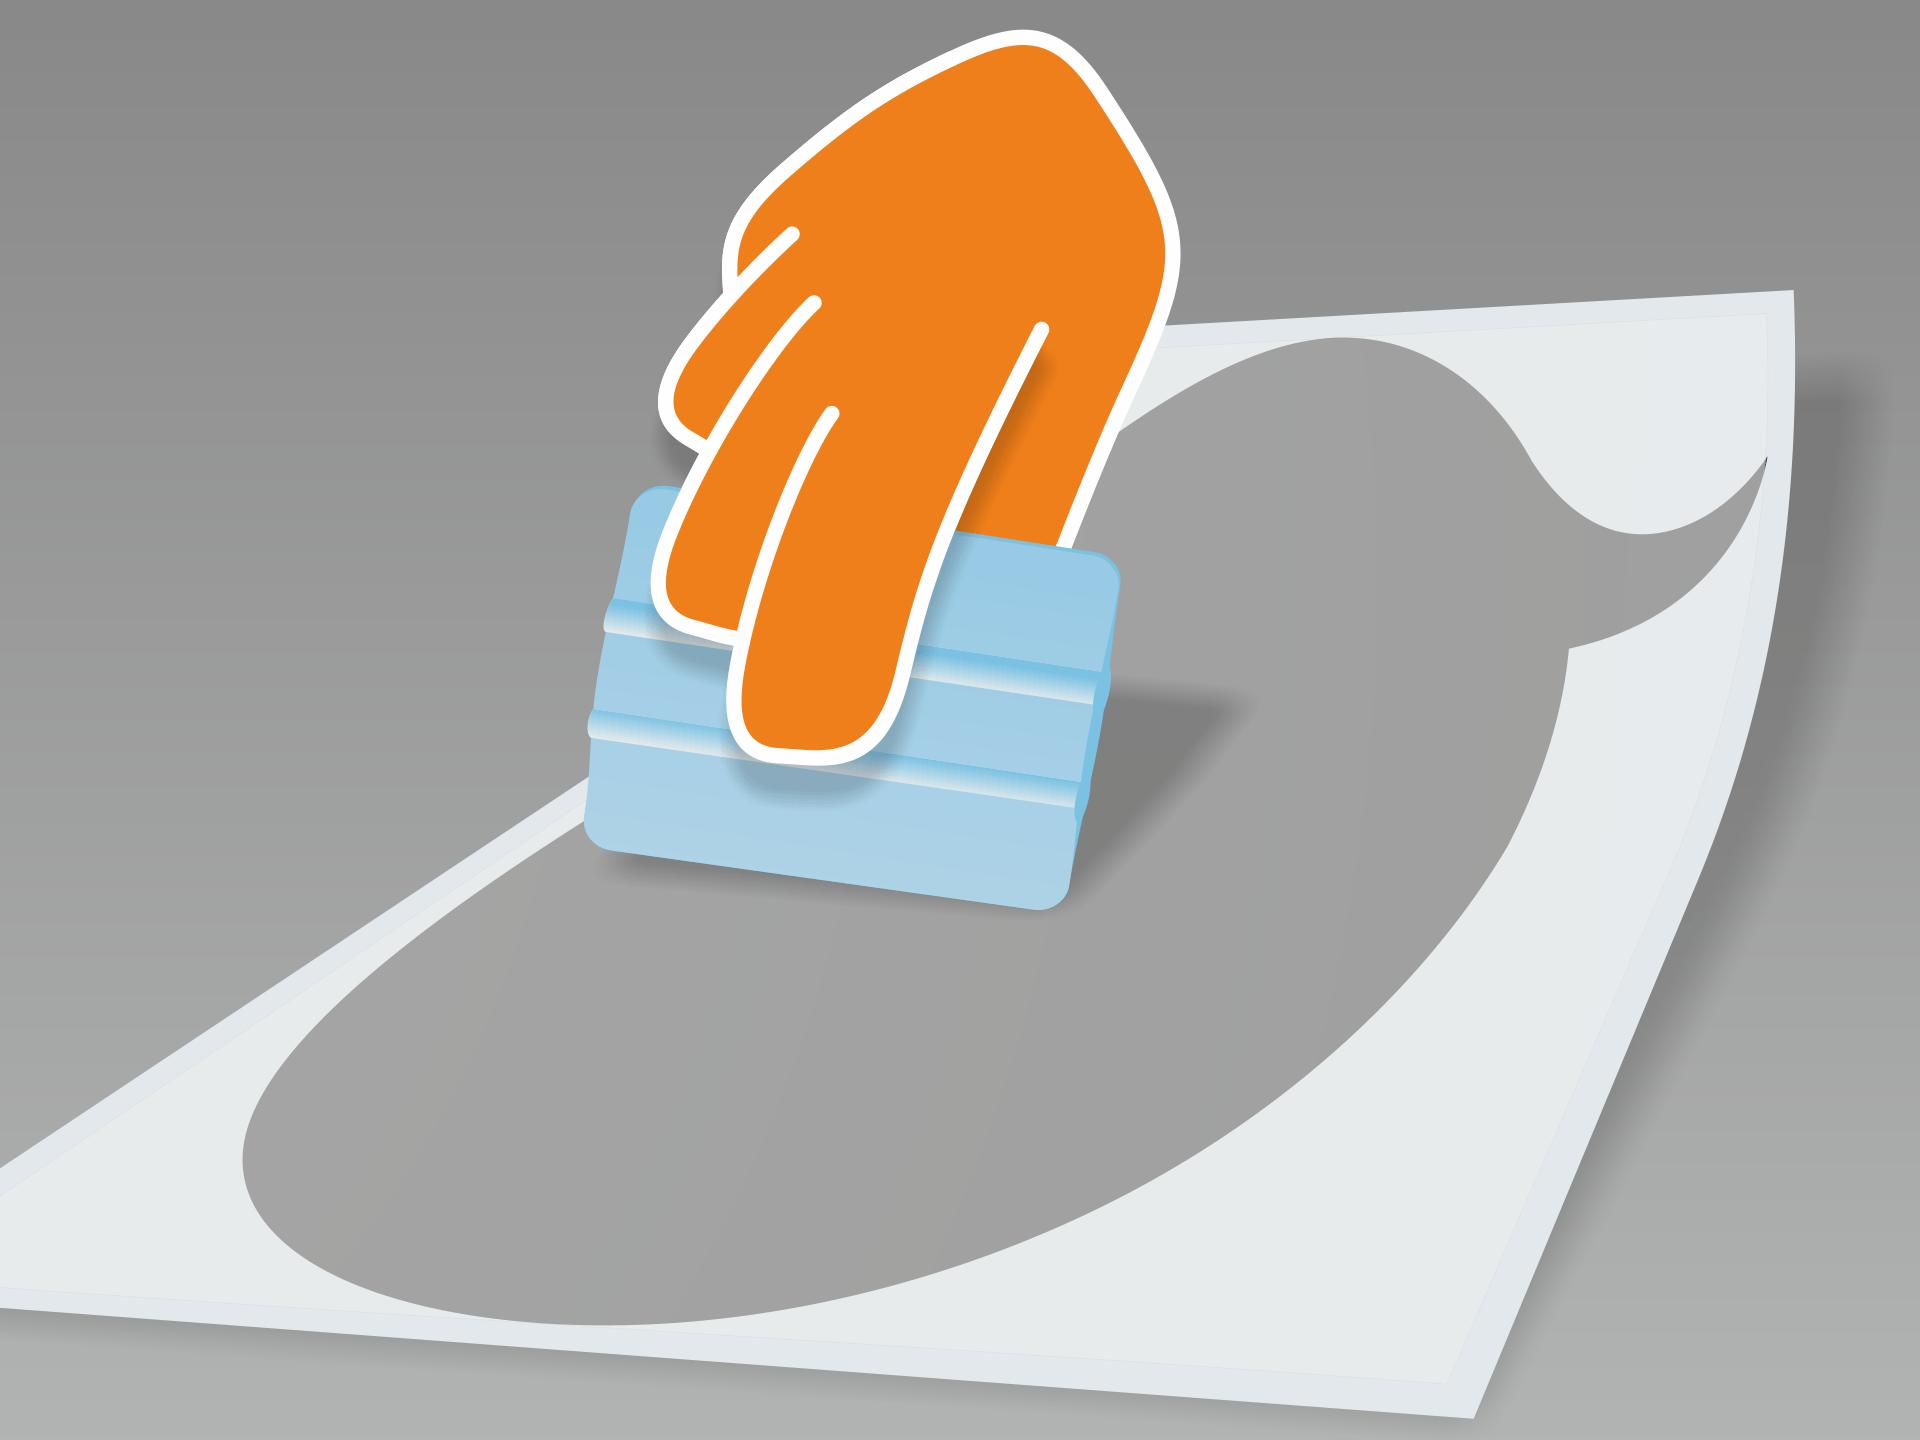 Tafeltattoo flach auf glattem Untergrund ausrollen und mit Rakel (oder Scheckkarte) fest über Vor- und Rückseite streichen.